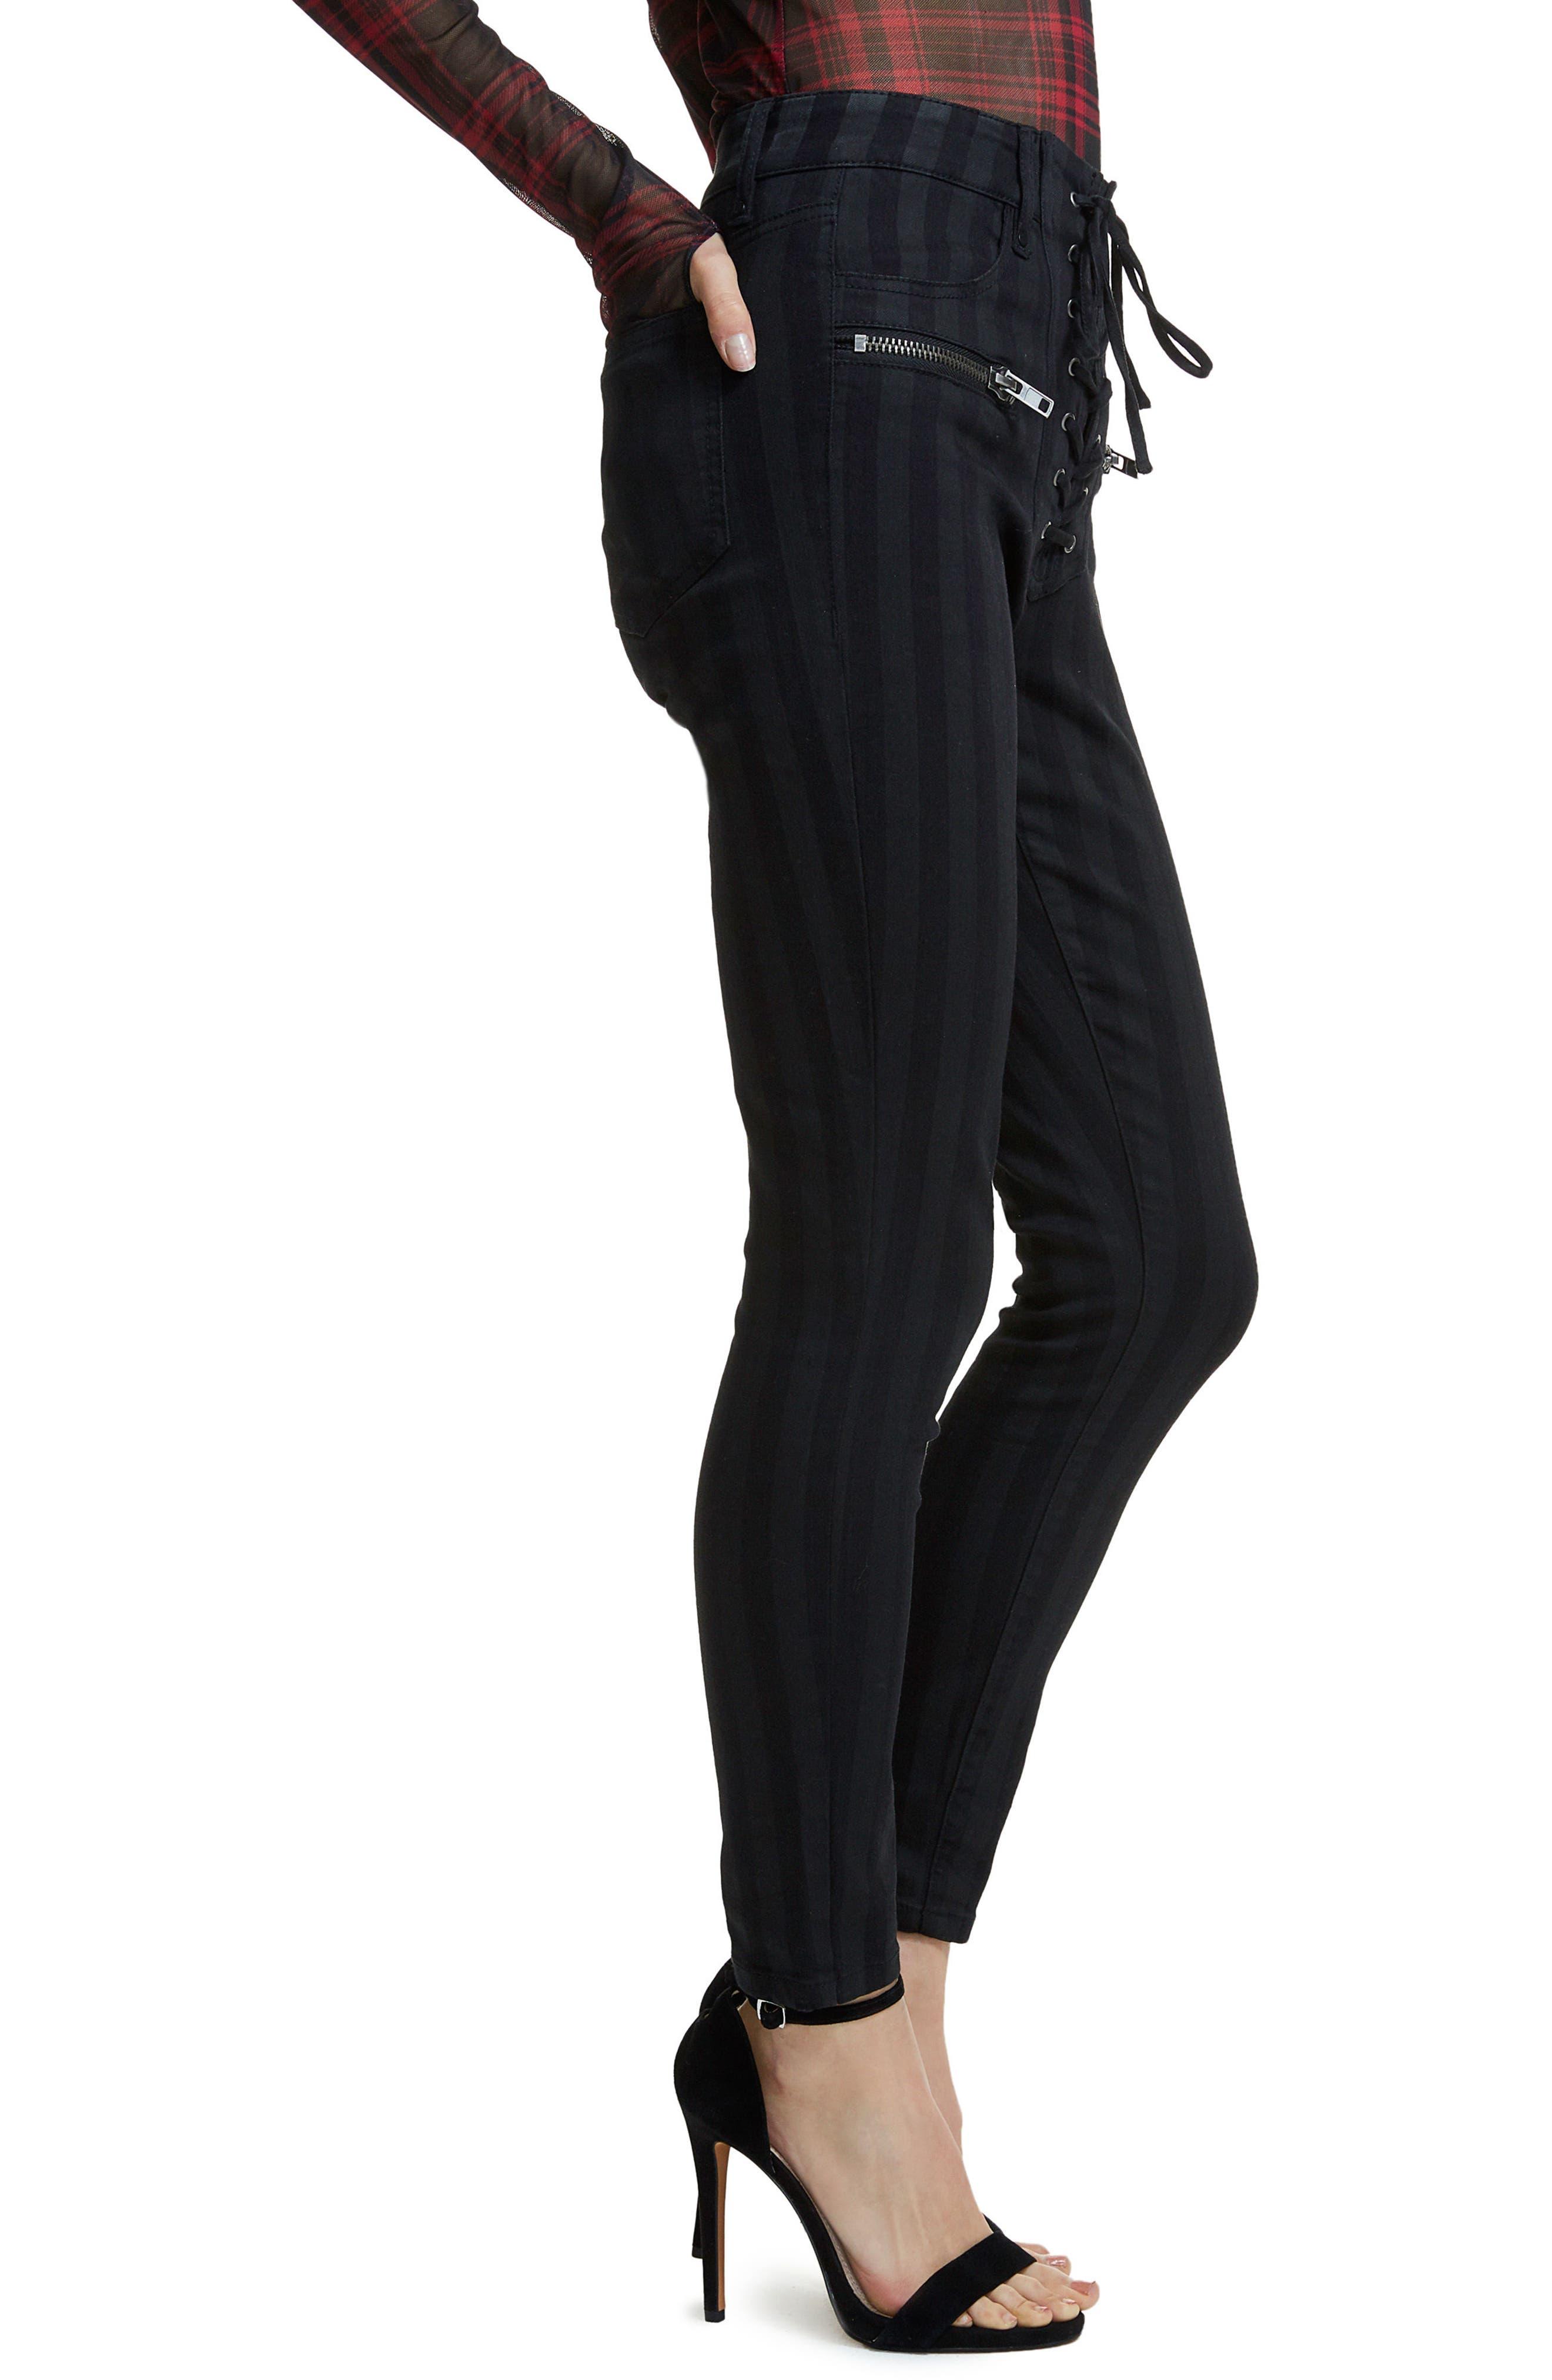 Alden Lace-Up Skinny Jeans,                             Alternate thumbnail 4, color,                             Noir Stripe